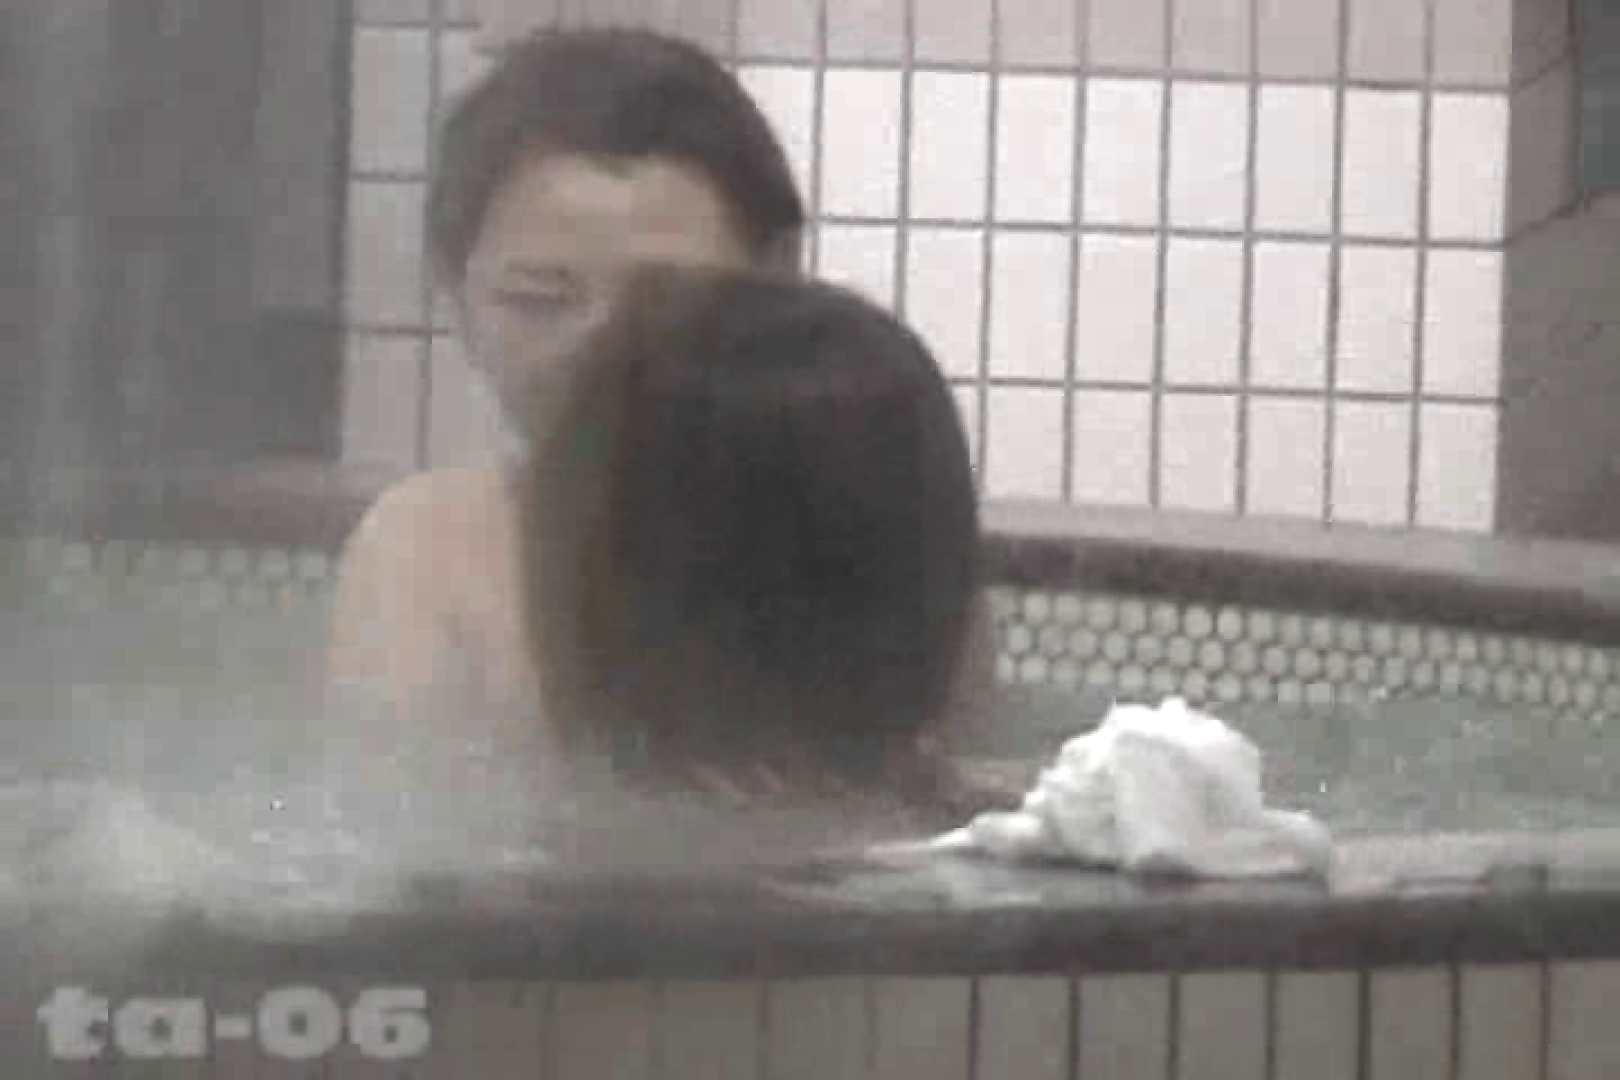 合宿ホテル女風呂盗撮高画質版 Vol.06 盗撮  85pic 81